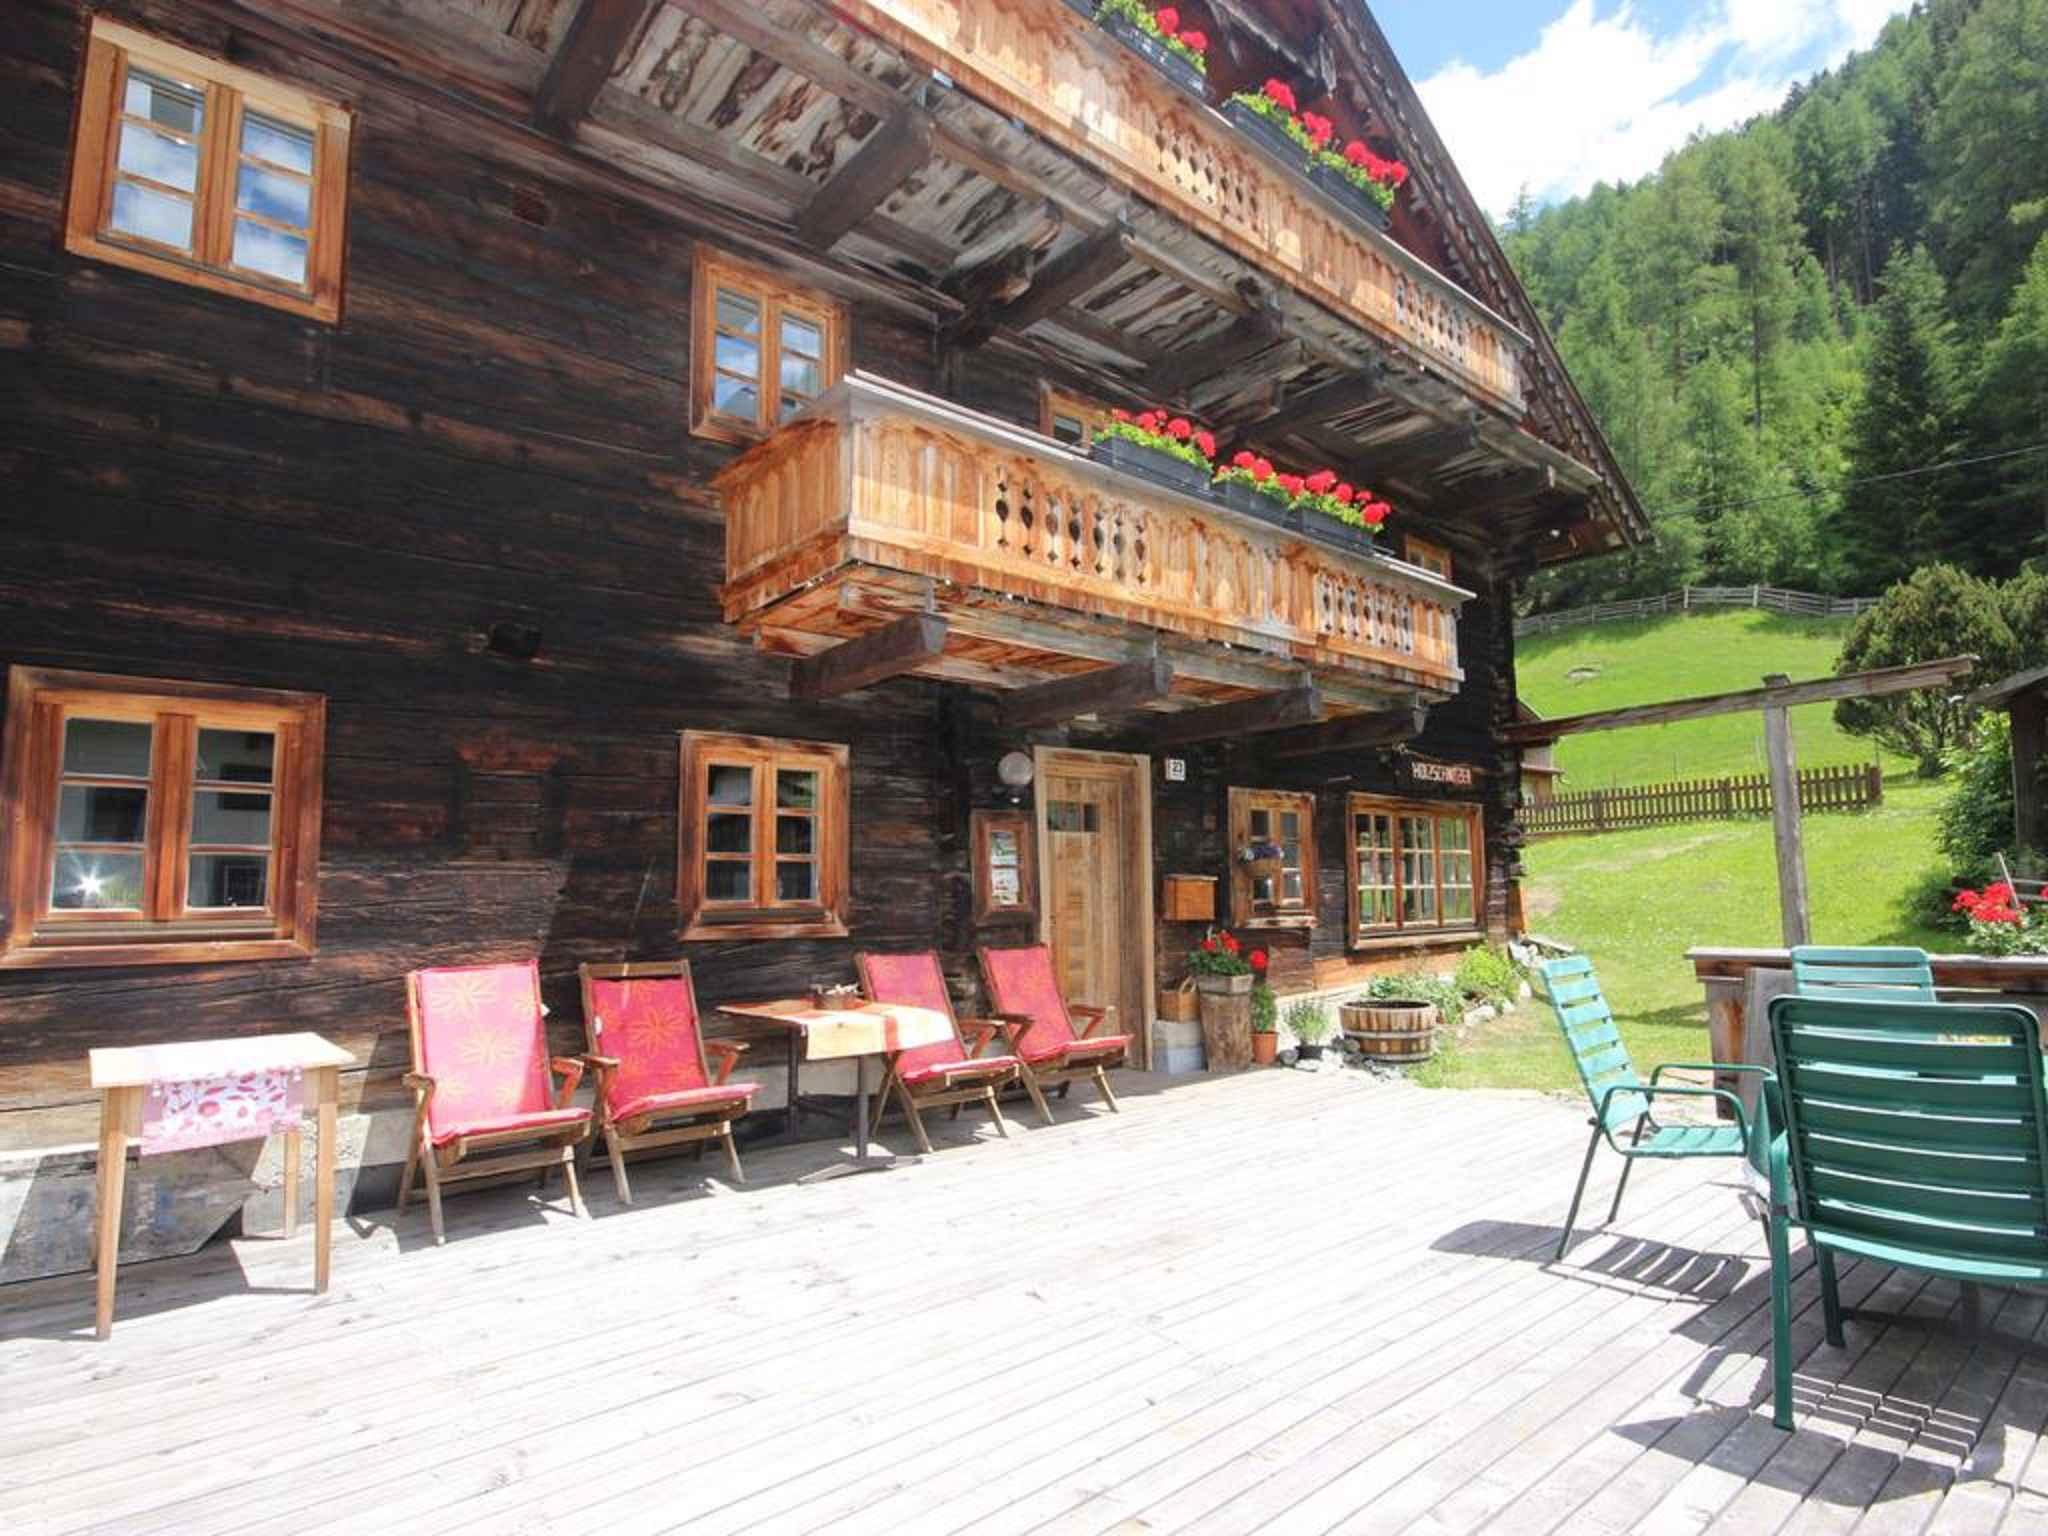 Ferienwohnung in einem über 300 Jahre alten Holzhaus (283707), Sölden (AT), Ötztal, Tirol, Österreich, Bild 9